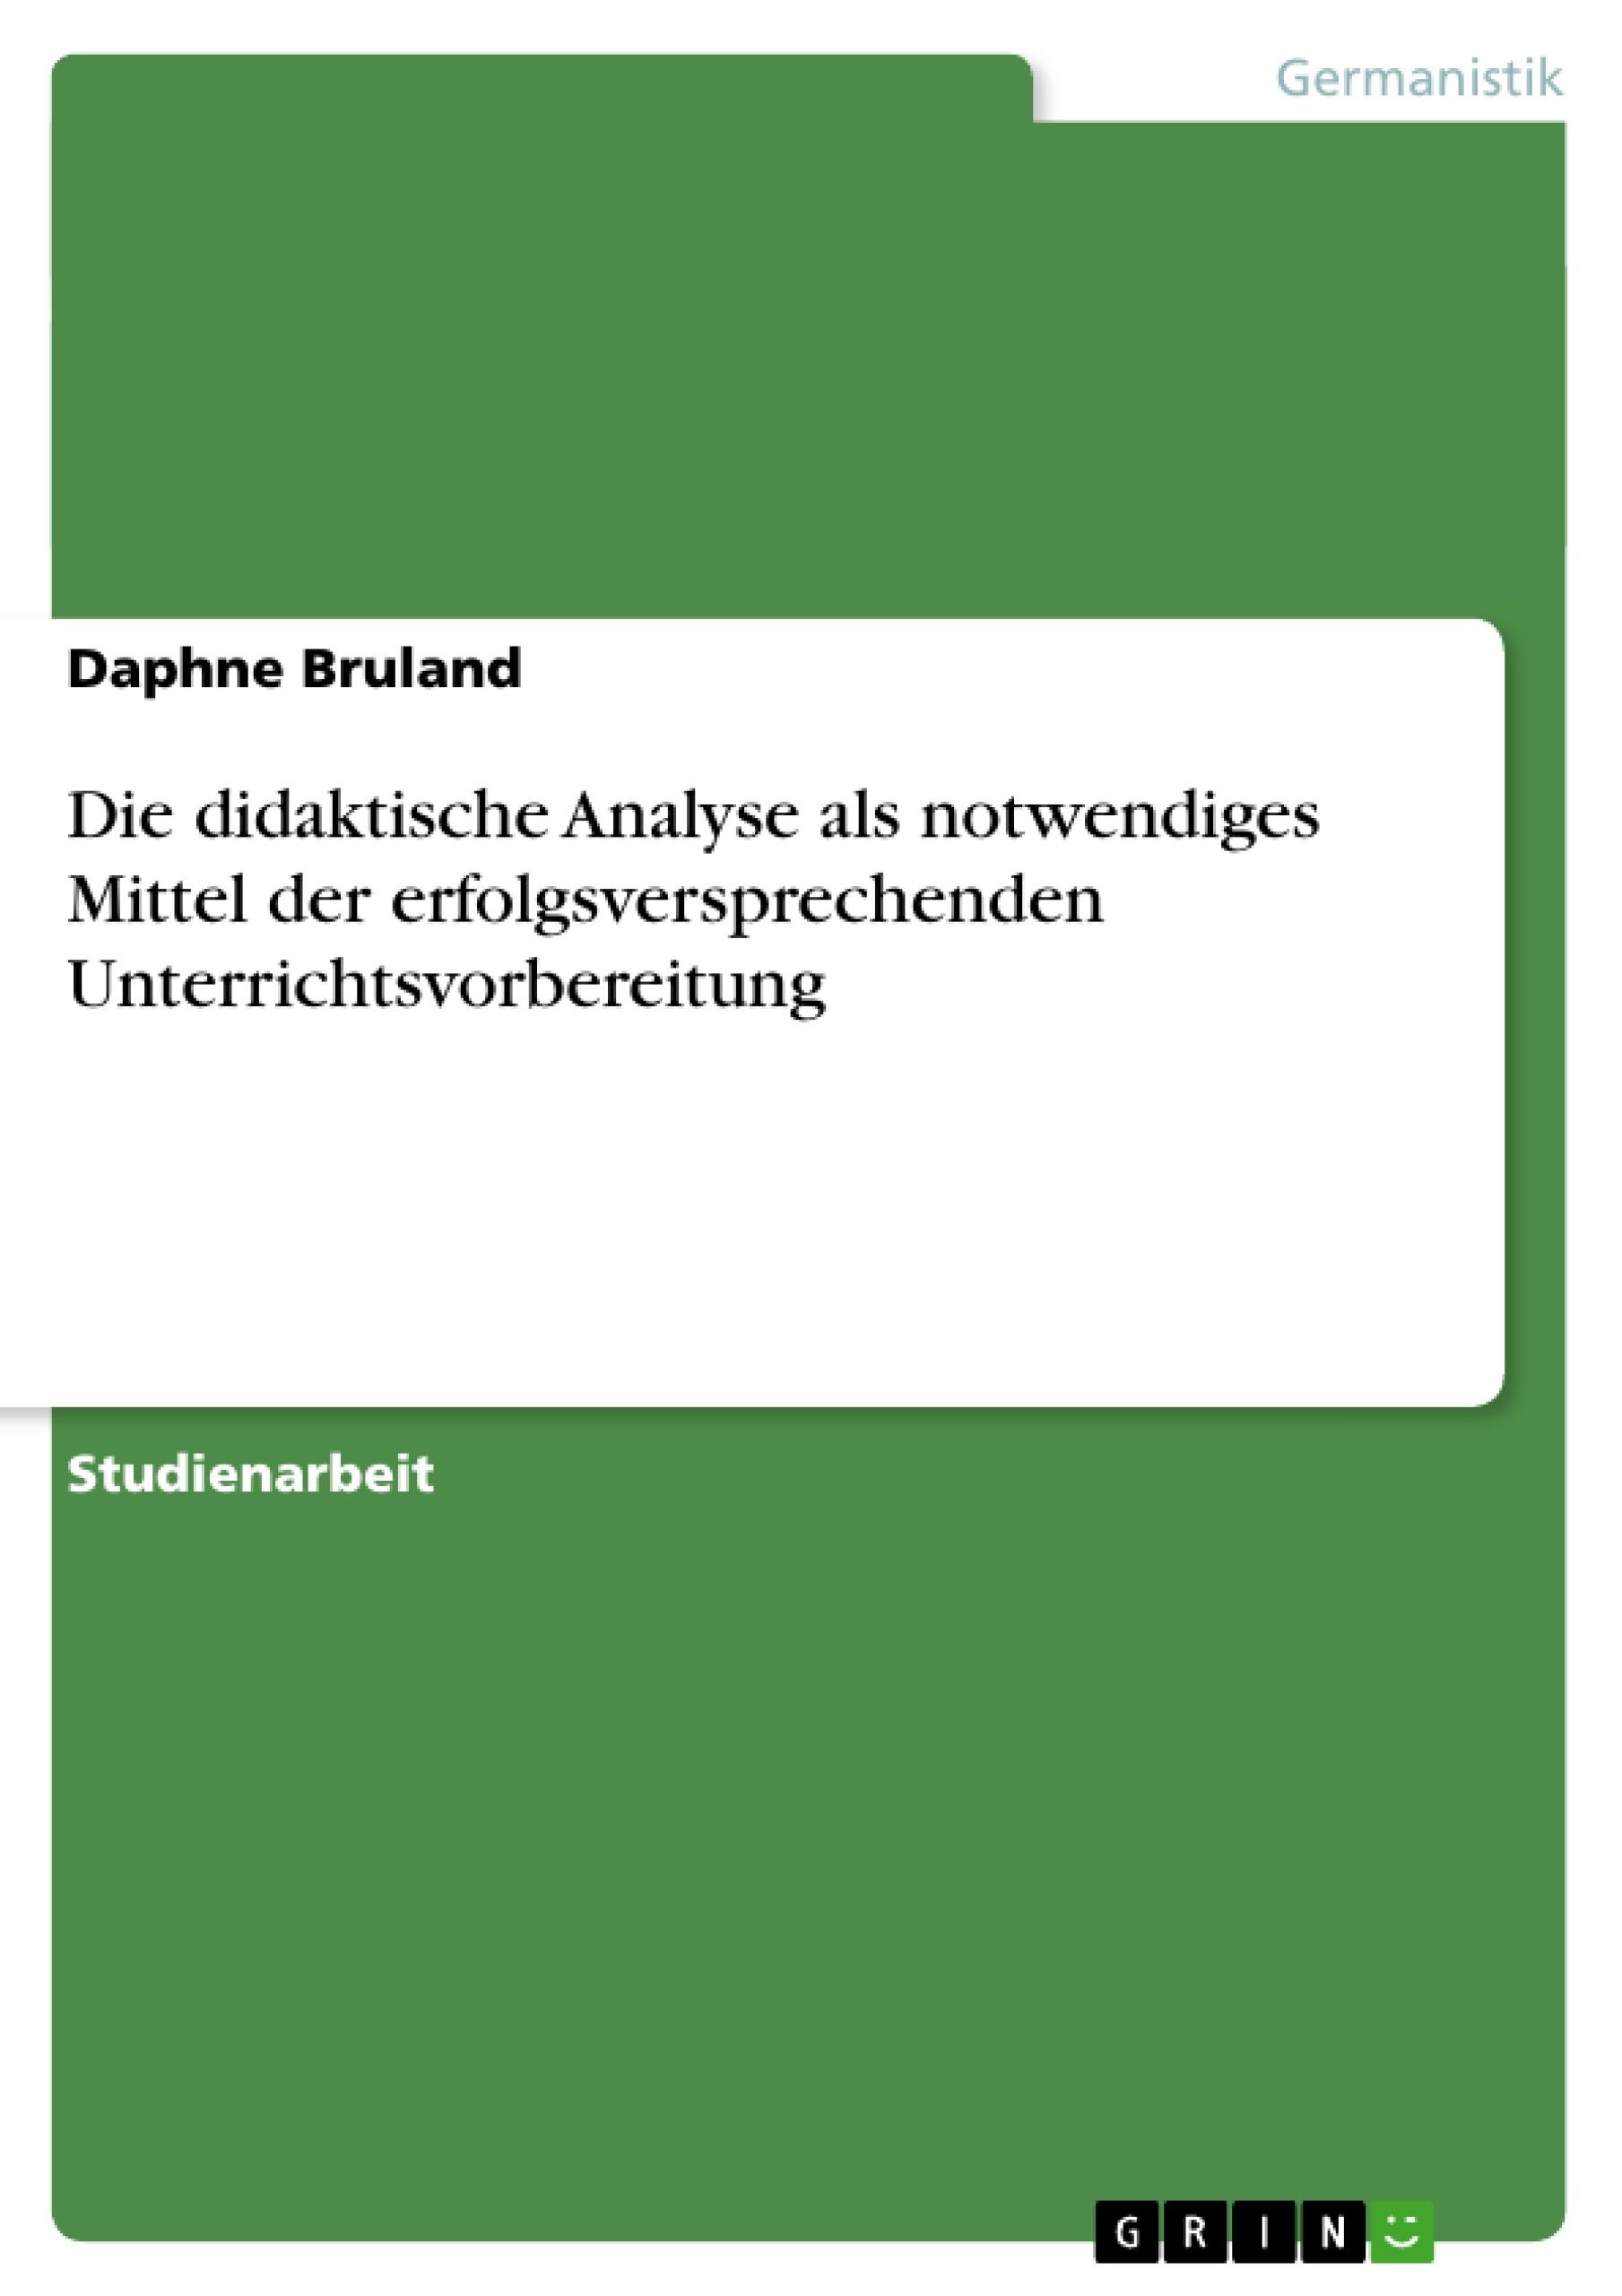 Titel: Die didaktische Analyse als notwendiges Mittel der erfolgsversprechenden Unterrichtsvorbereitung